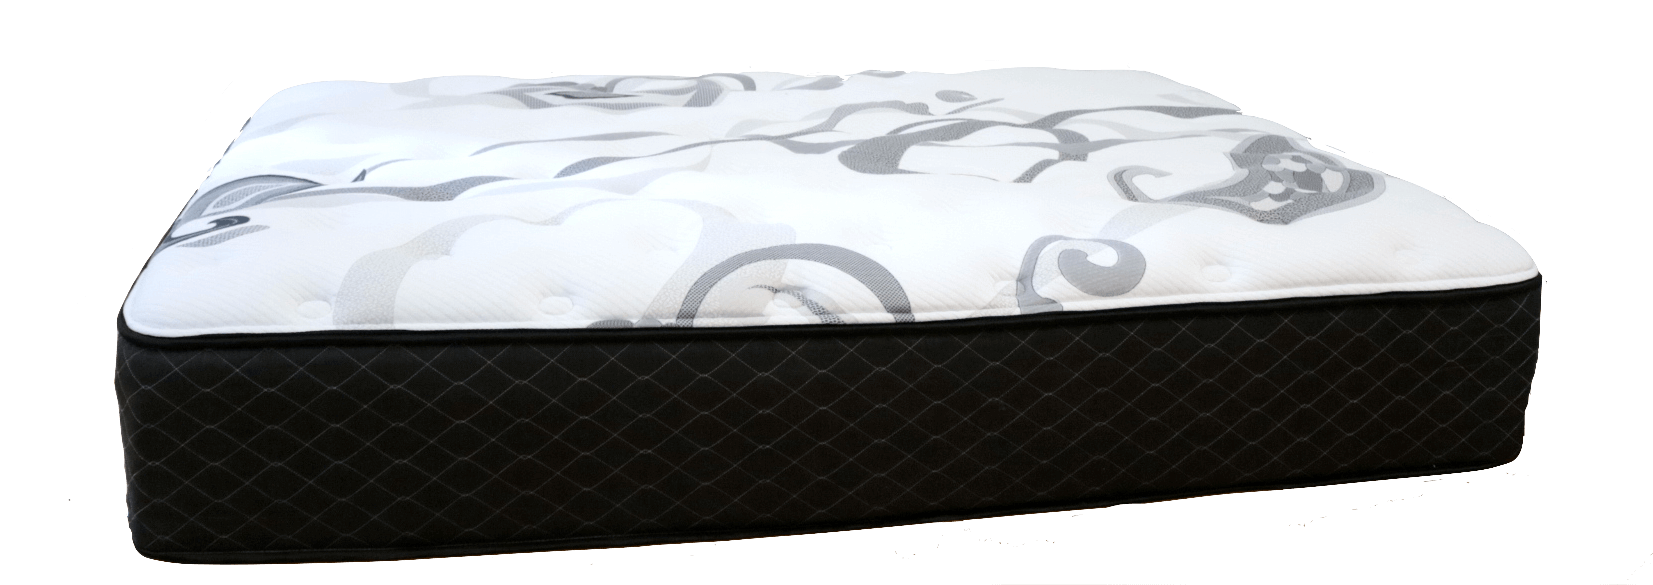 Luft Mattress Review, Luft Review, Mattress Reviews, Online mattress reviews